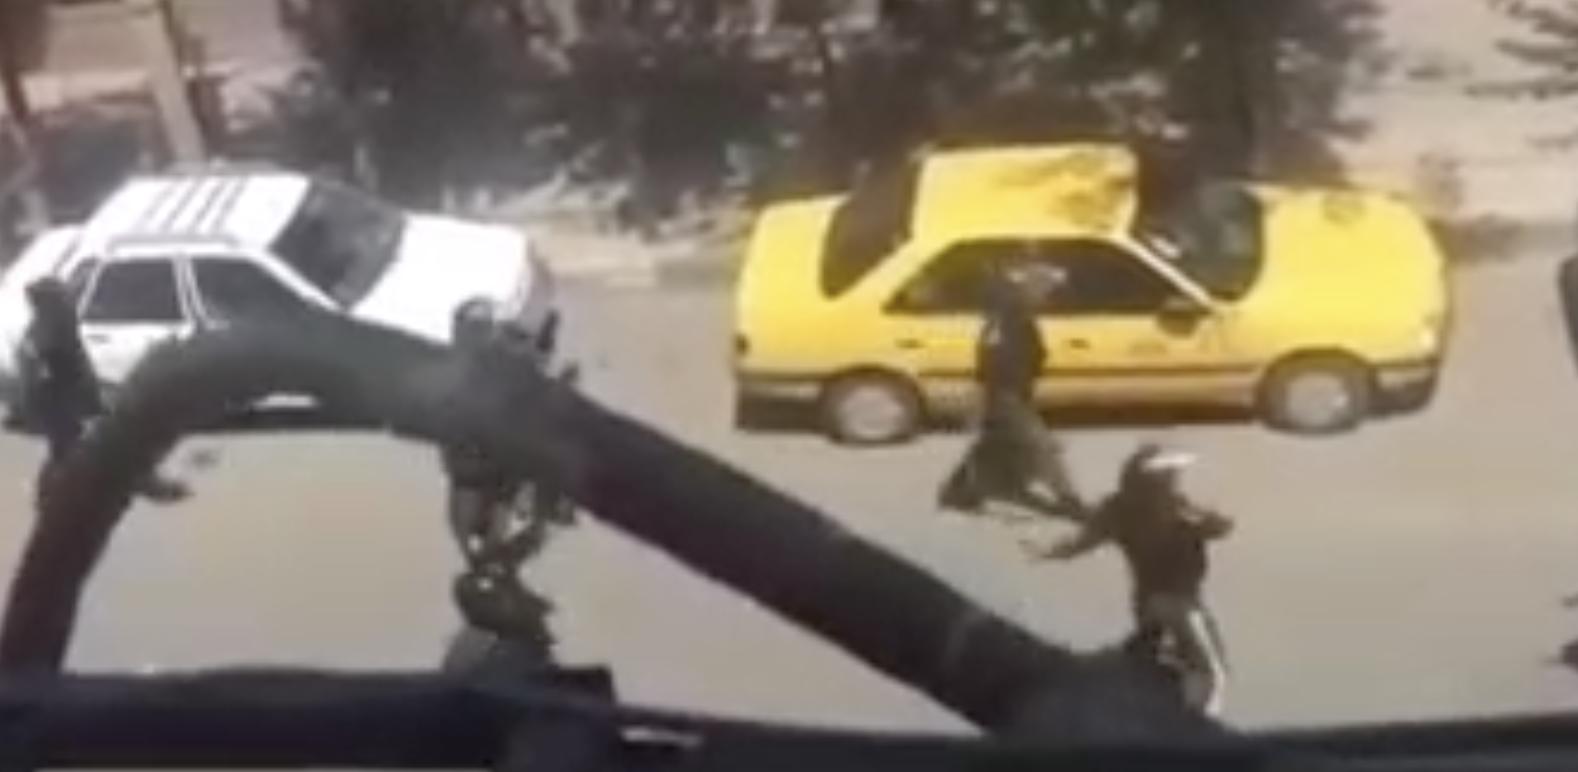 نیروهای سرکوبگر توسط مردم خلع سلاح شدند و به معترضین سنگ پرانی می کنند